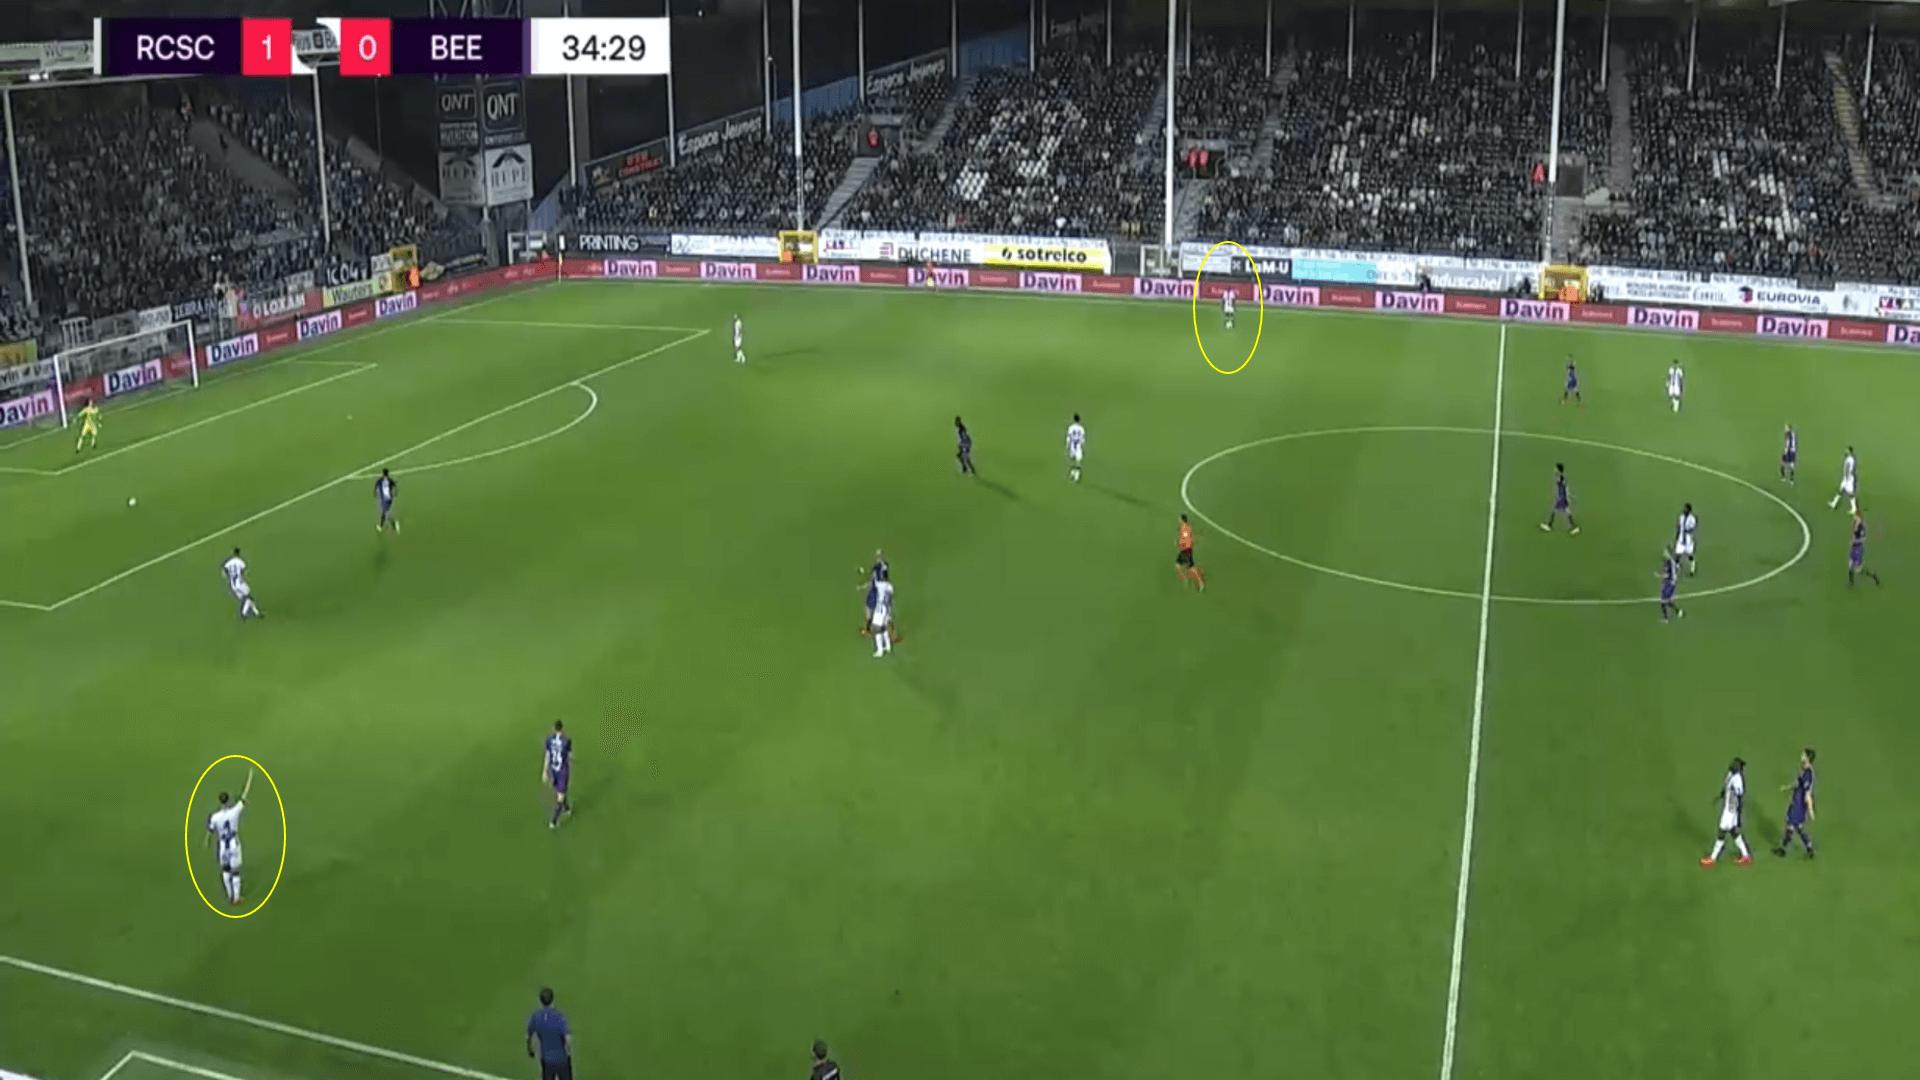 Belgian Pro League 2020/21 - Charleroi v Beerschot - tactical analysis tactics